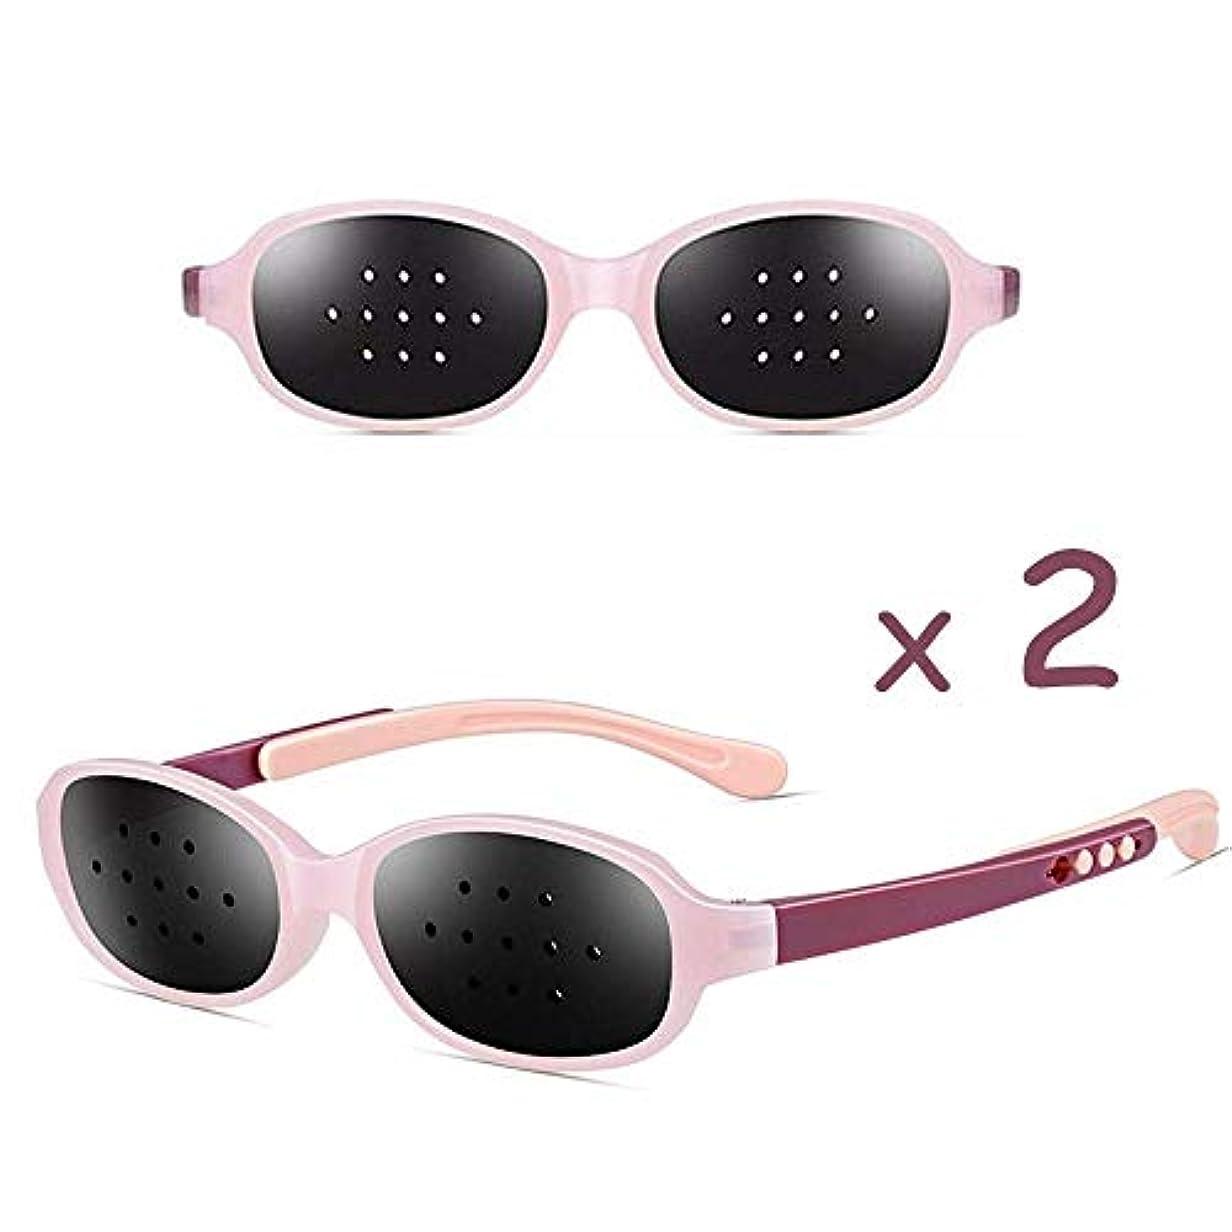 傷跡バラバラにする照らす視力保護のためのピンホールメガネ目運動視力矯正メガネ (Color : B)